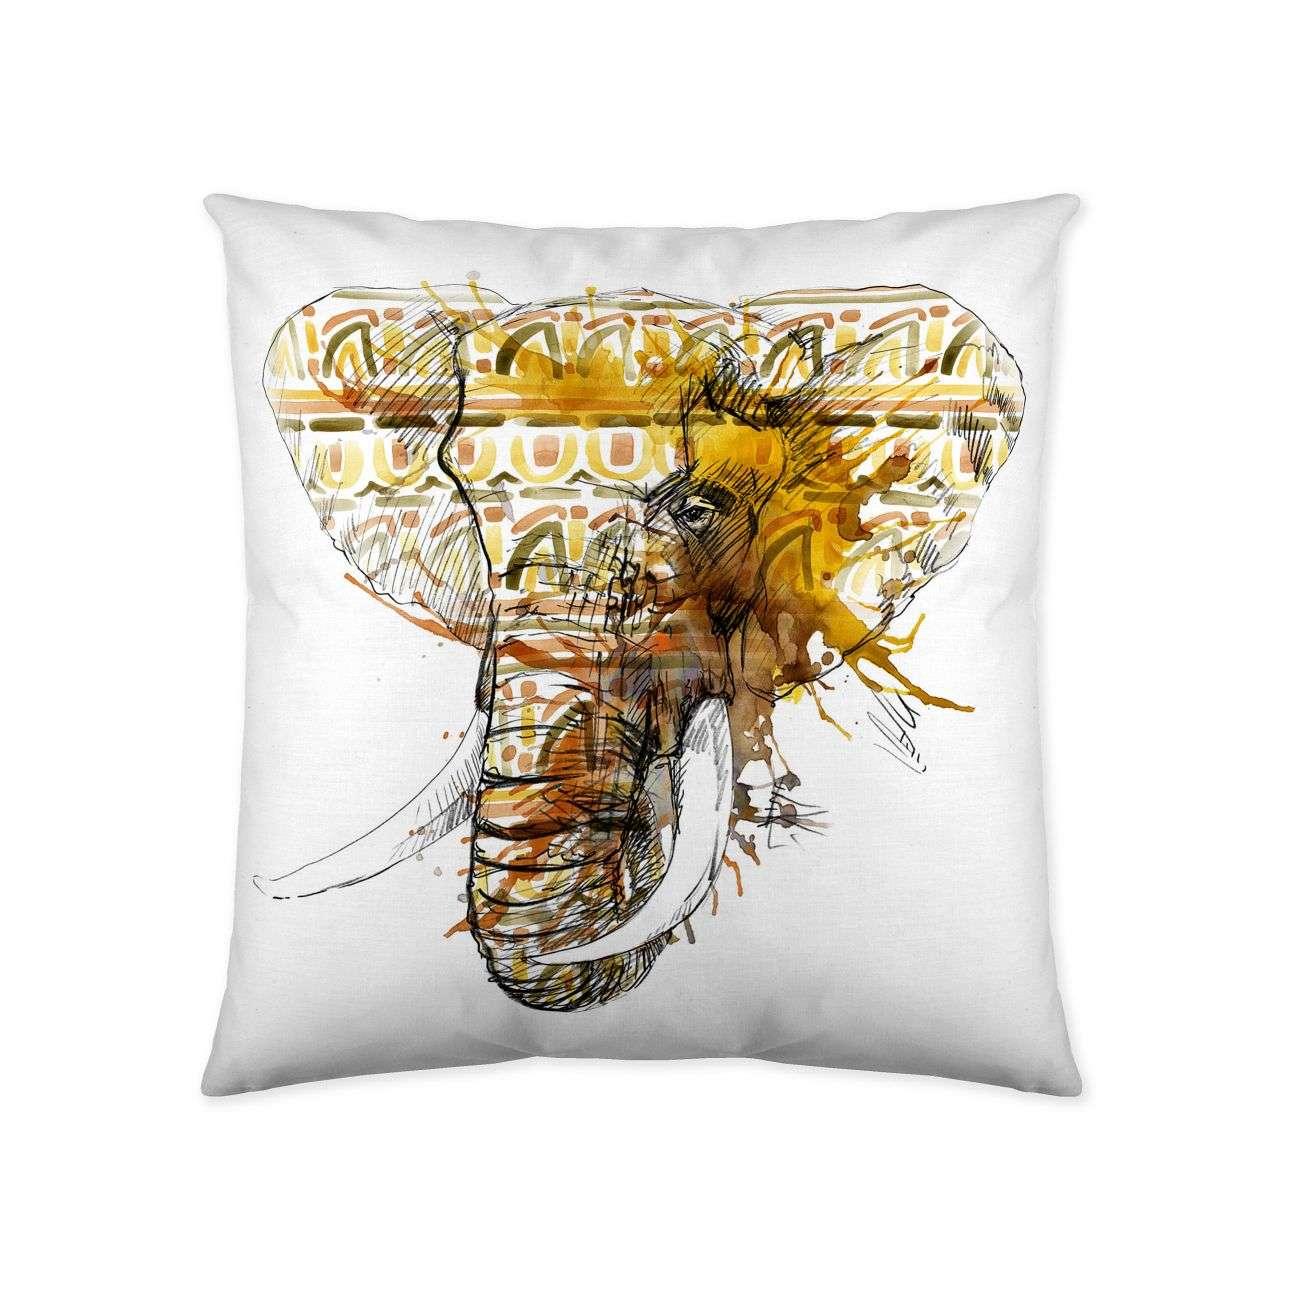 Deko-Kissenhülle Elephant Head 45x45cm